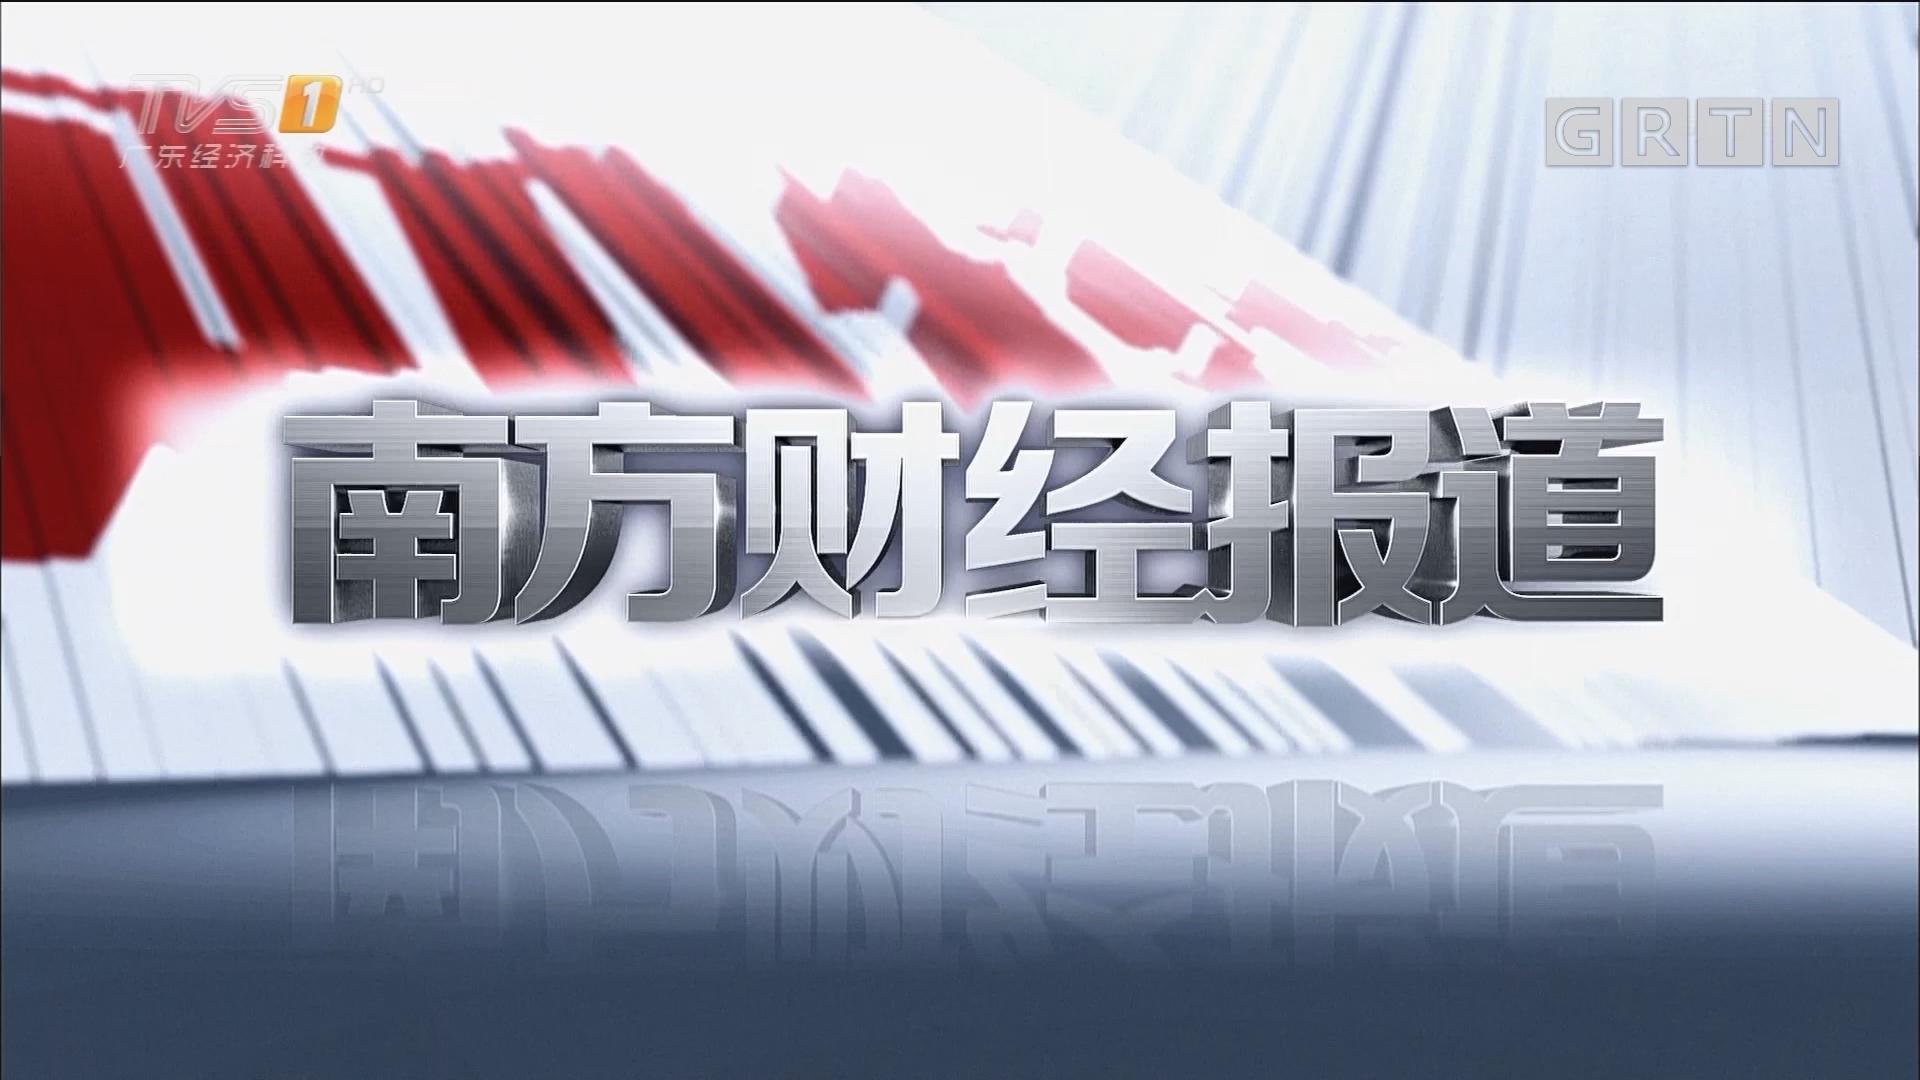 [HD][2018-02-24]南方财经报道:马兴瑞主持召开省政府全体会议 坚持以习近平新时代中国特色社会主义思想为指导 全力推动经济社会发展再上新台阶